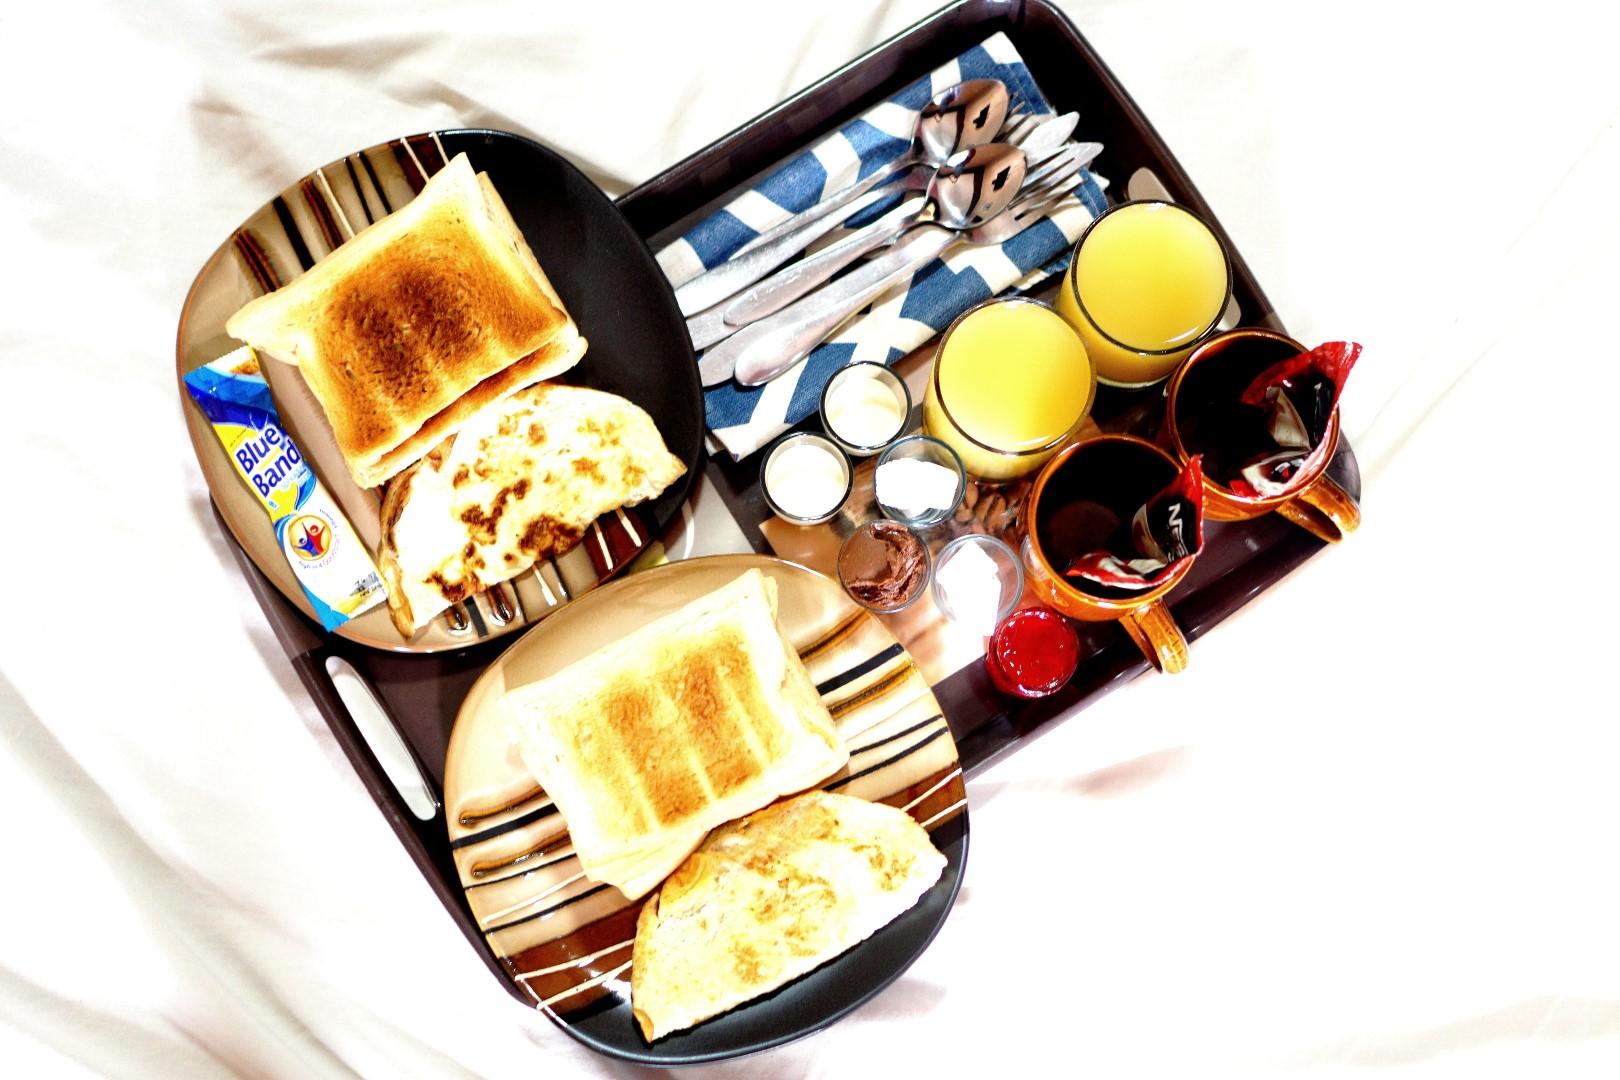 breakfast in Omanye lodge